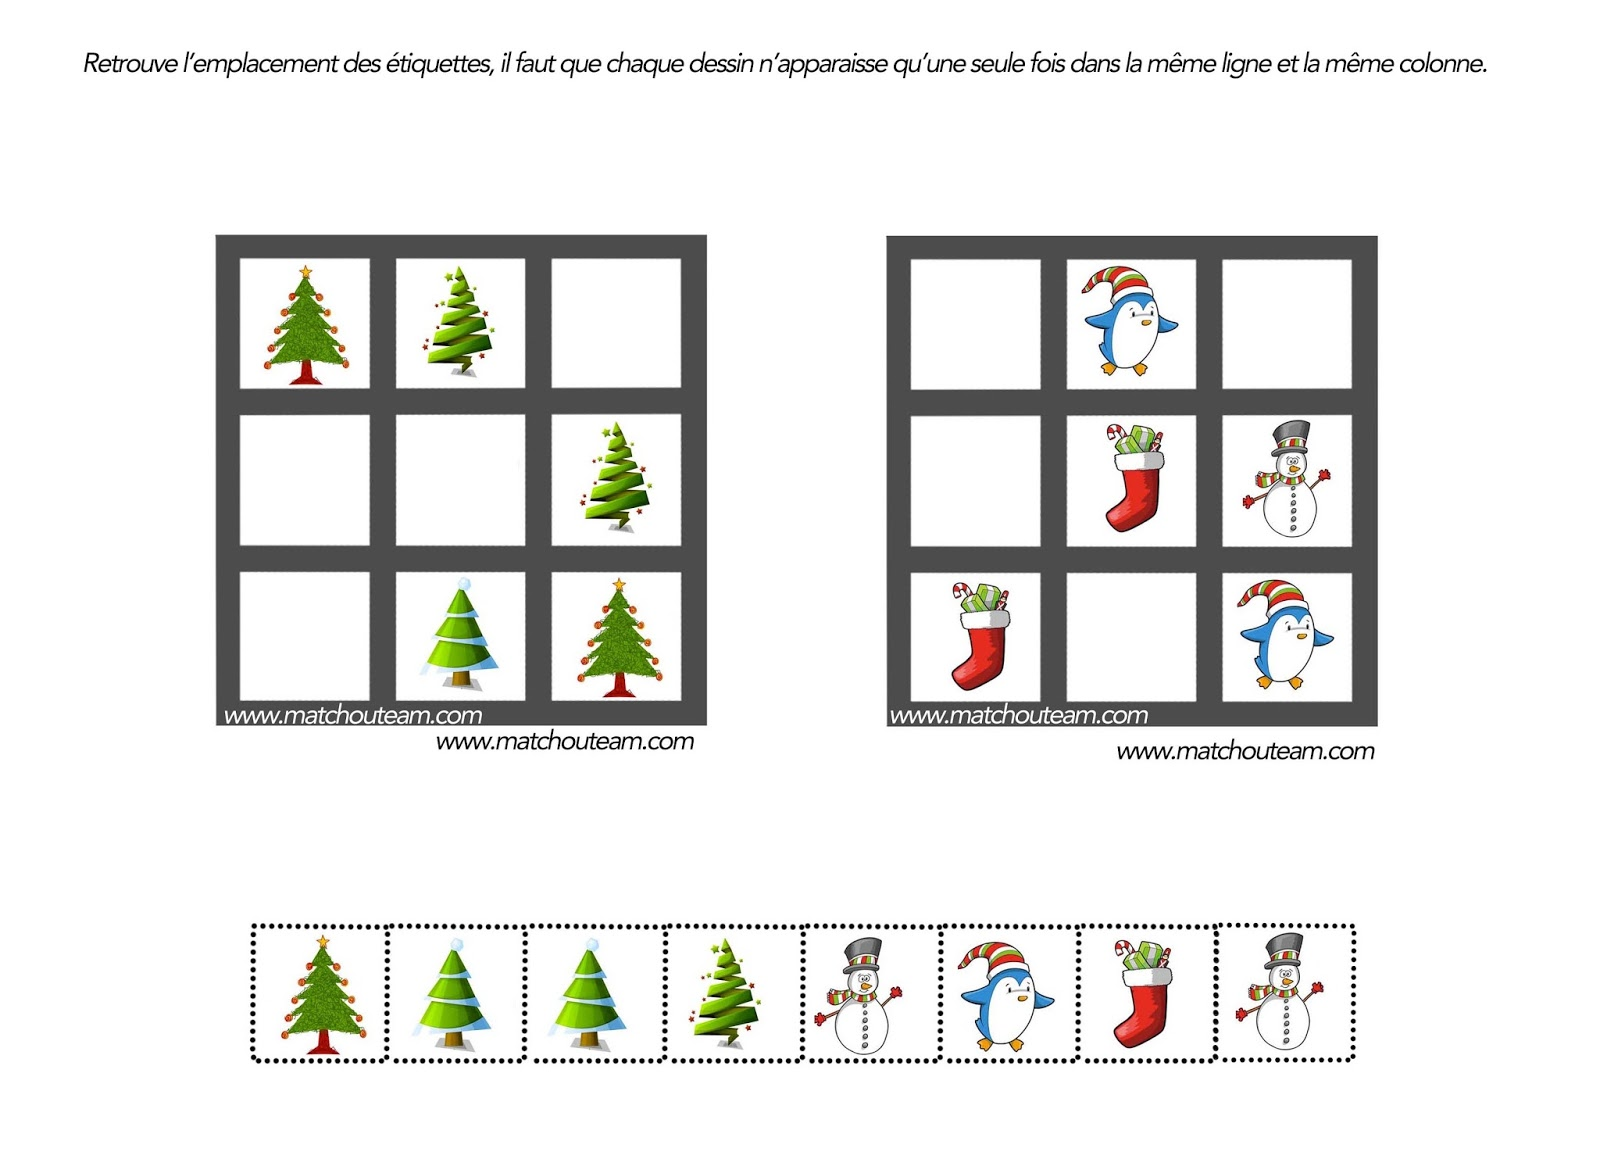 Coloriage À Imprimer Noël - Coloriages de Noël à imprimer Magicmaman